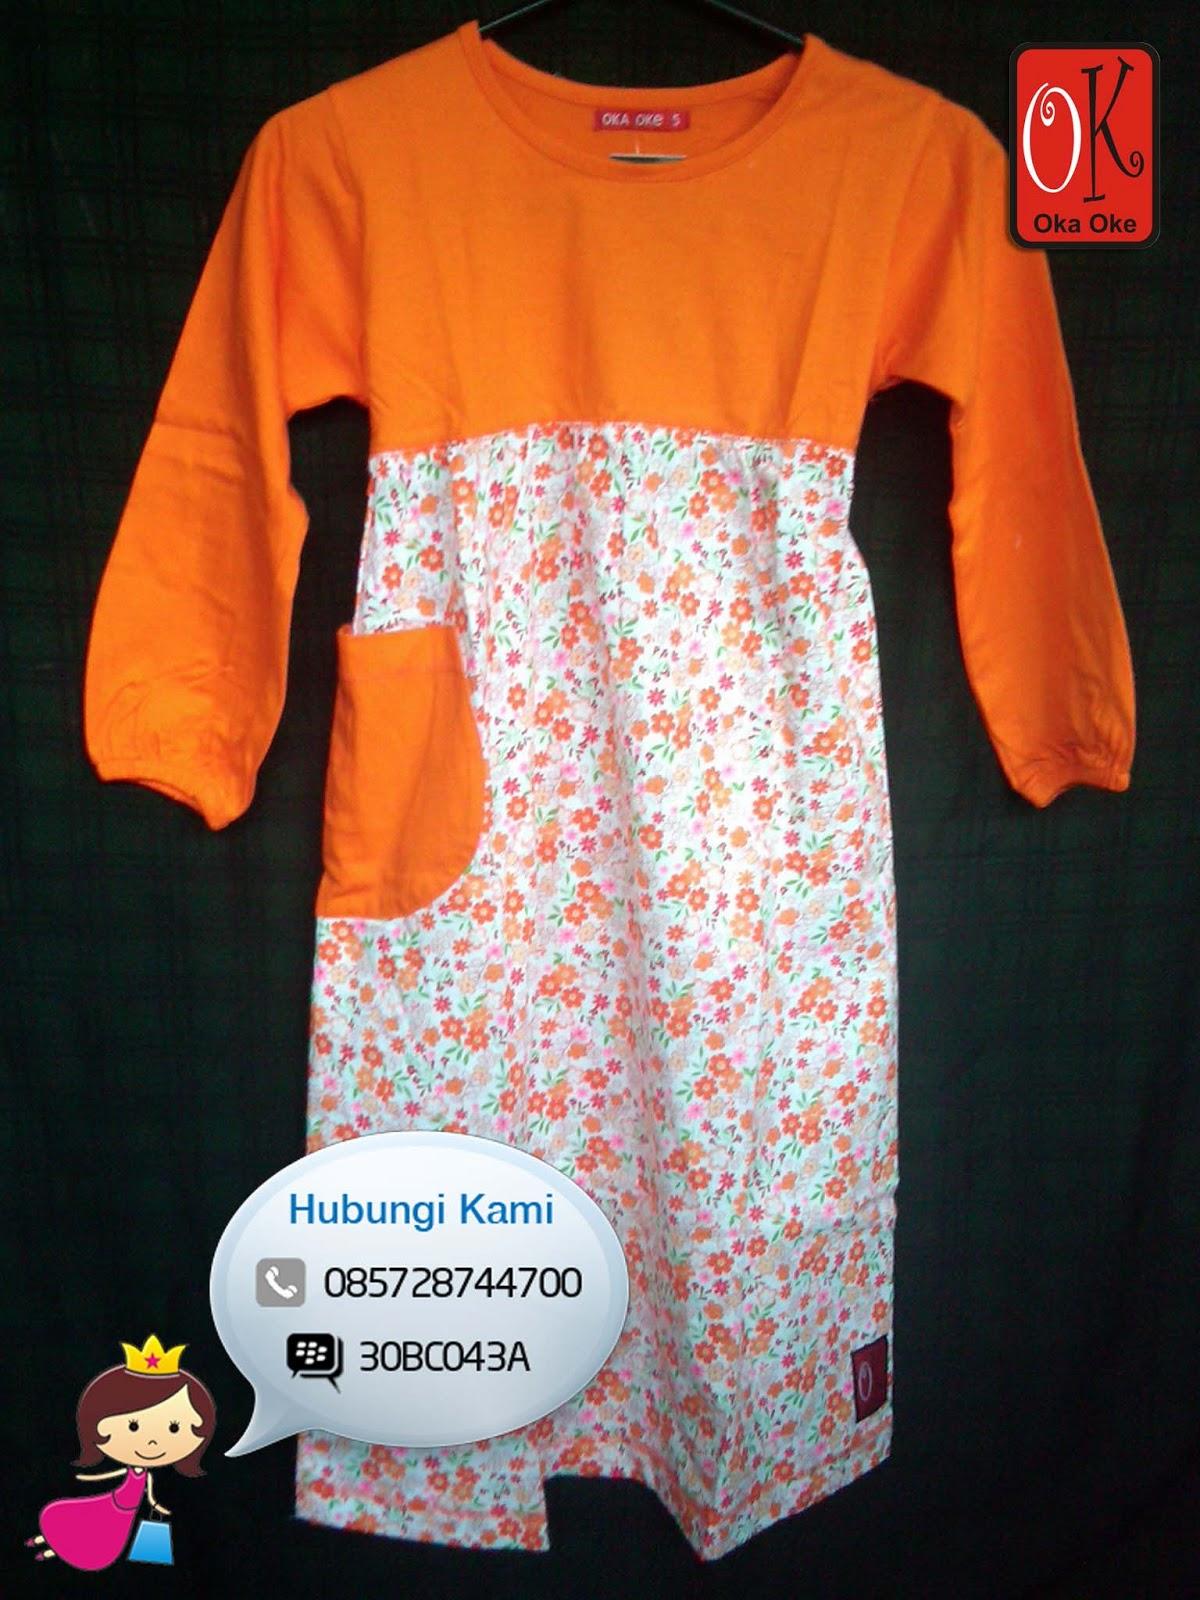 Baju Gamis Oka Oke Terbaru Baju Gamis Produksi Konveksi